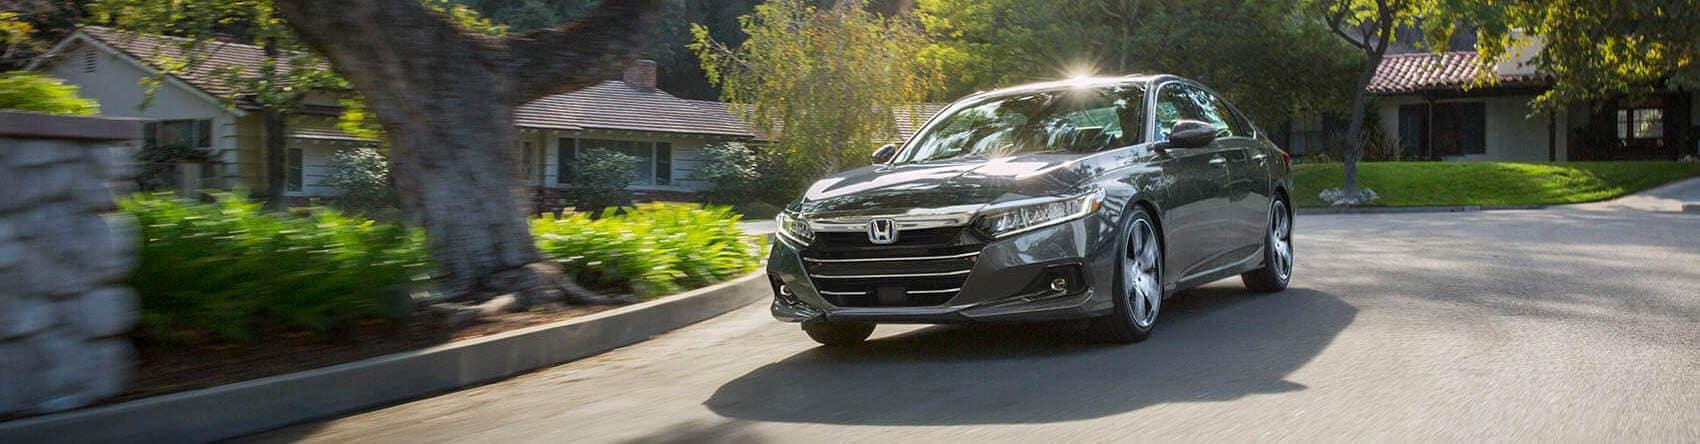 Honda Accord Interior | Huntington Beach, CA